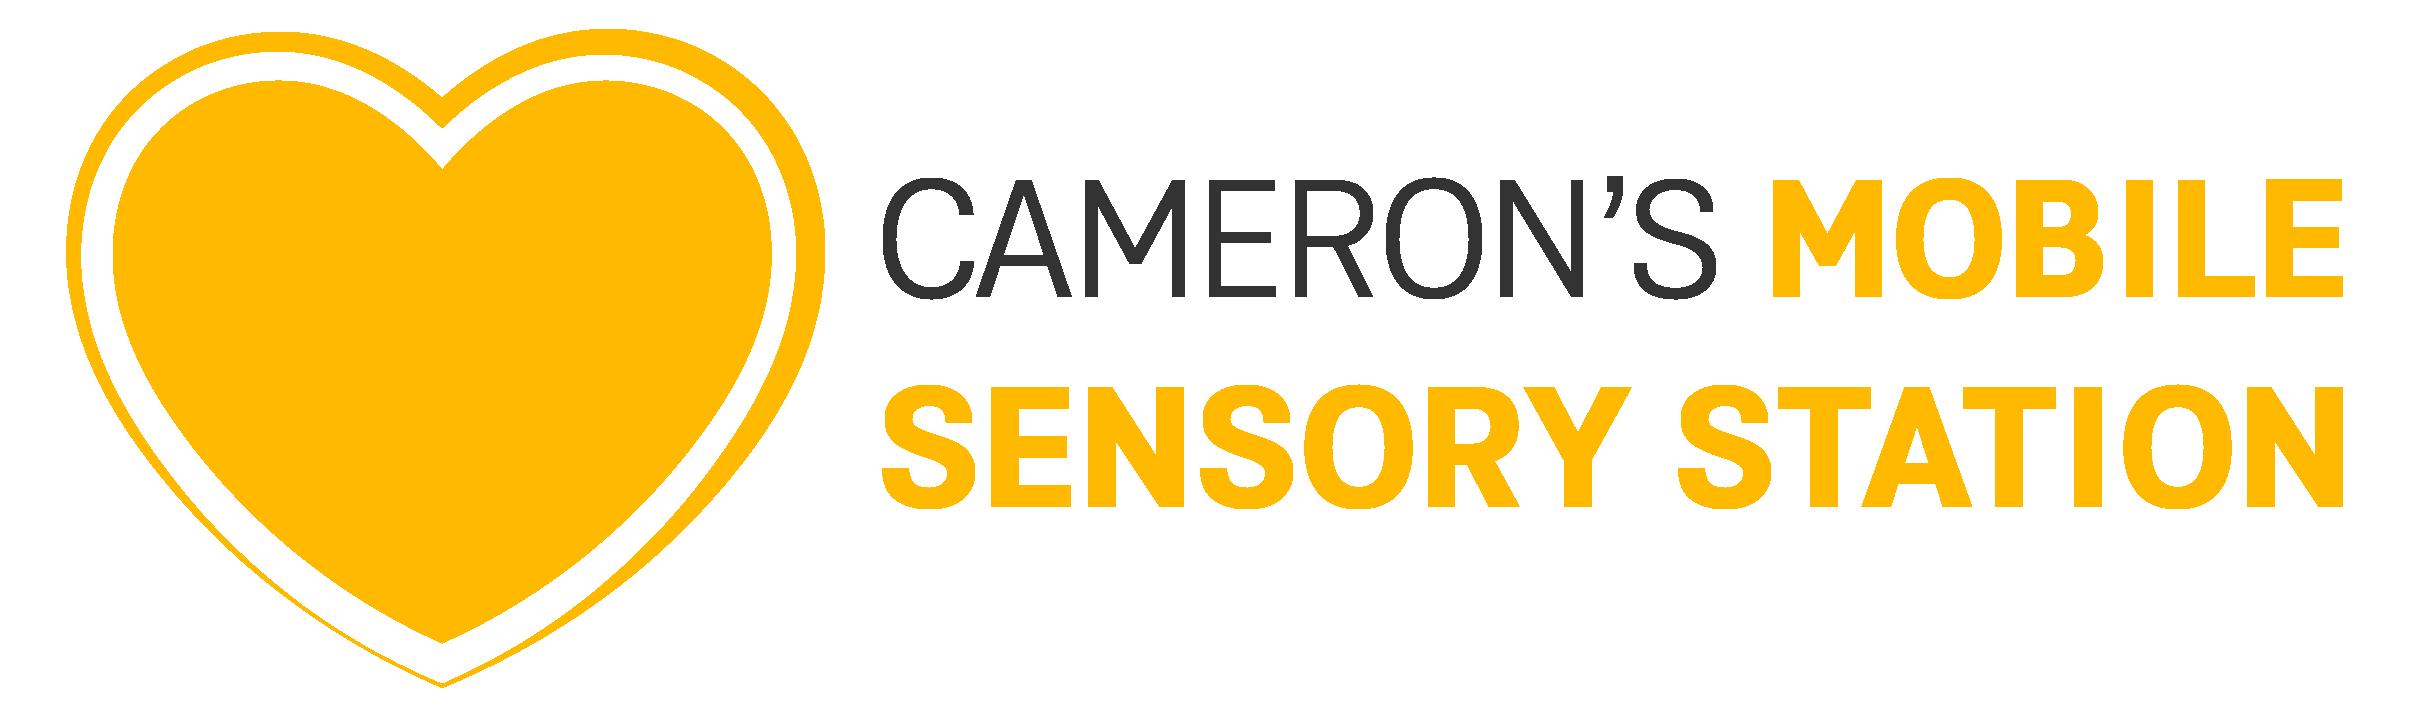 Cameron's Mobile Sensory Station